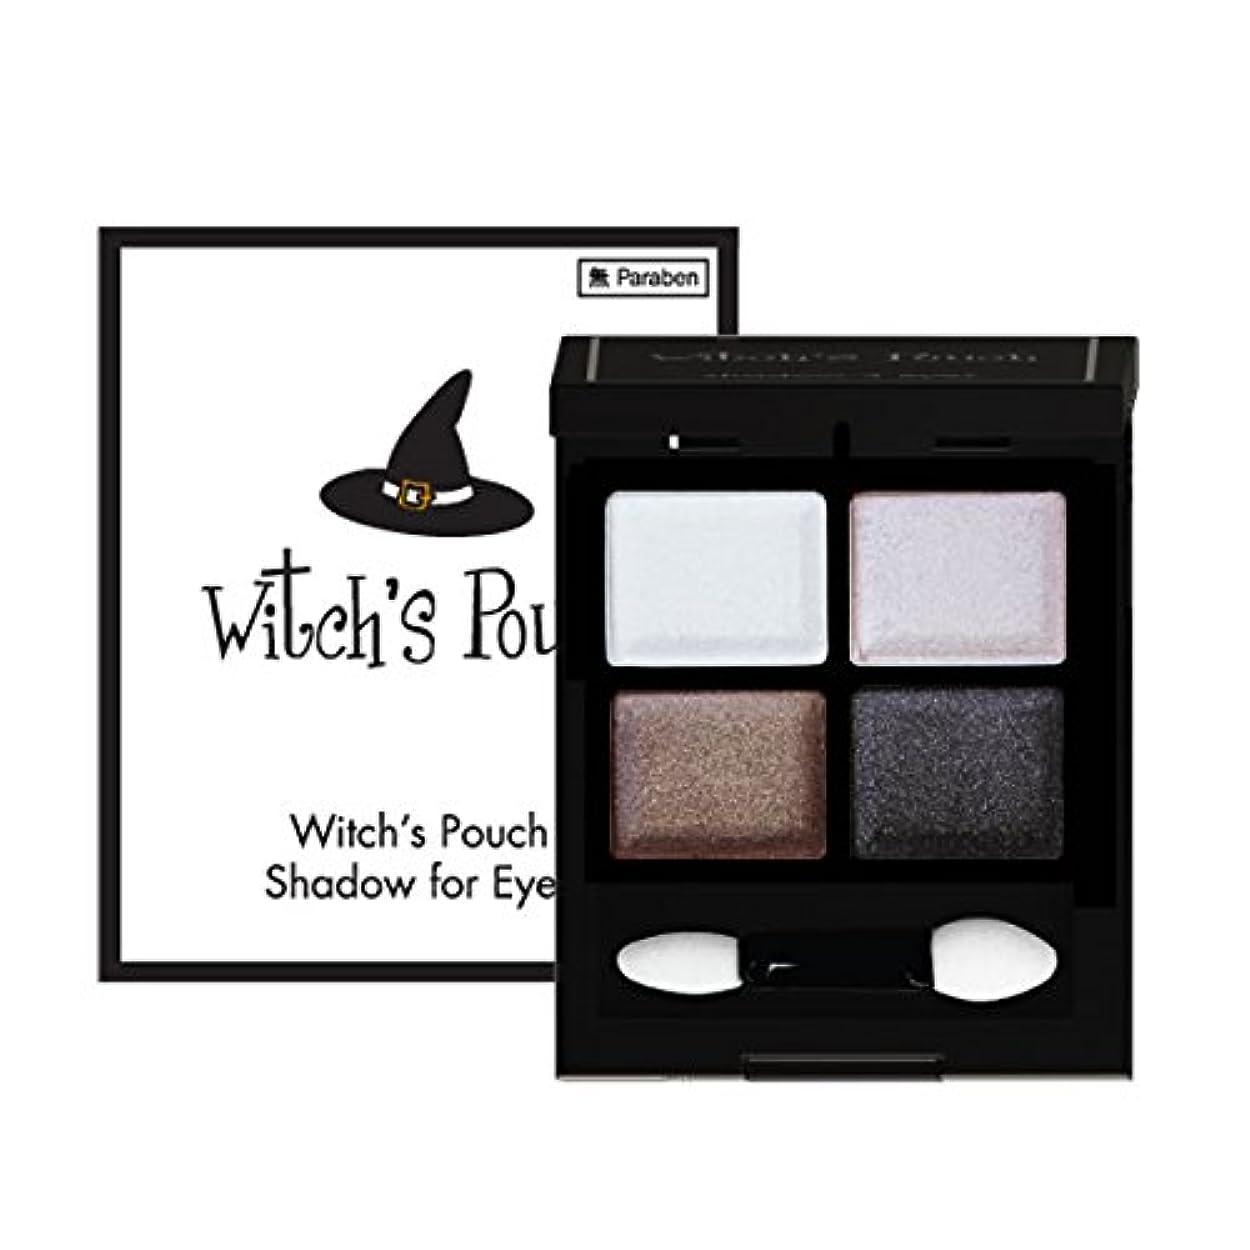 孤児アストロラーベによってWitch's Pouch ウィッチズポーチ シャドウフォーアイズ SD5 グラムブラウン